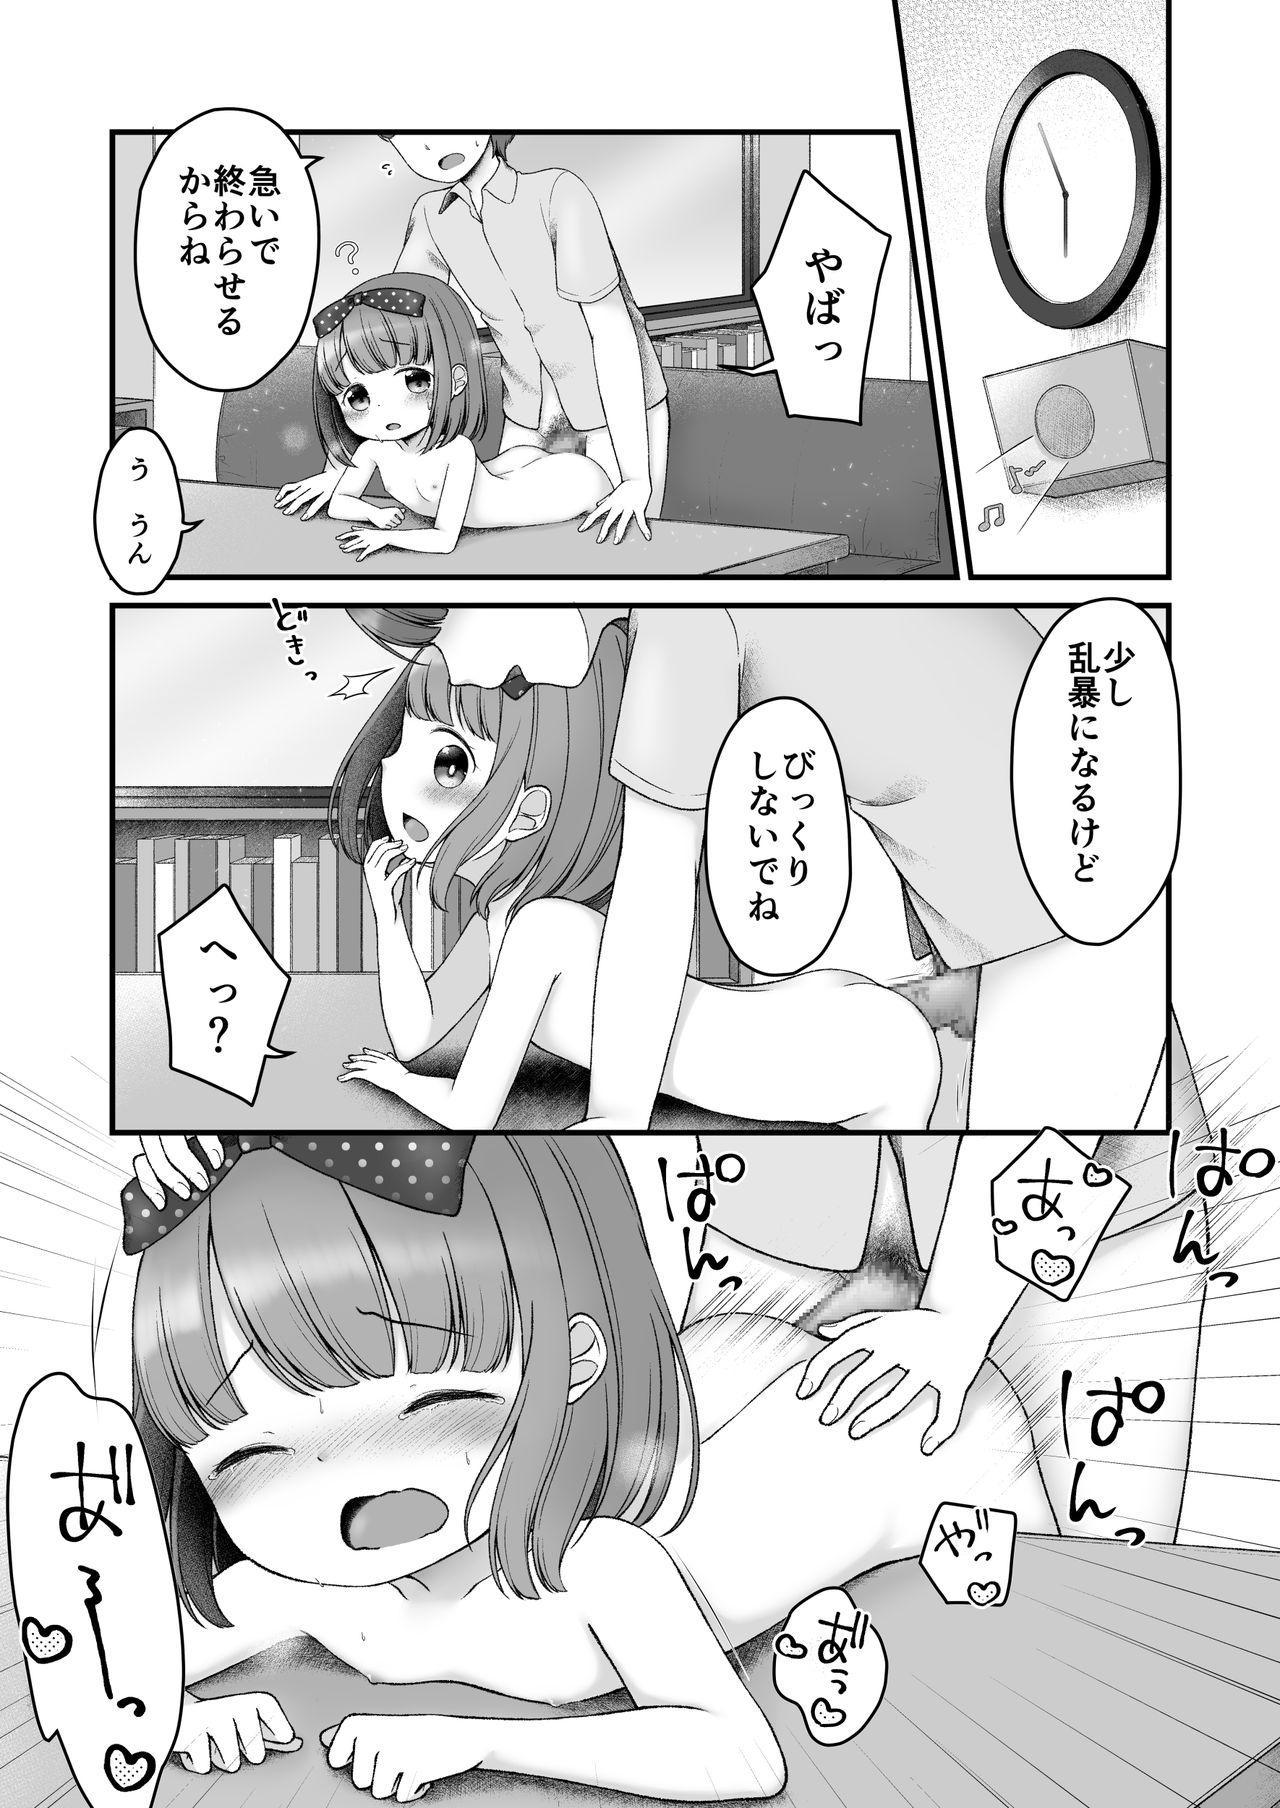 Ehon no Kuni no Arisu 23